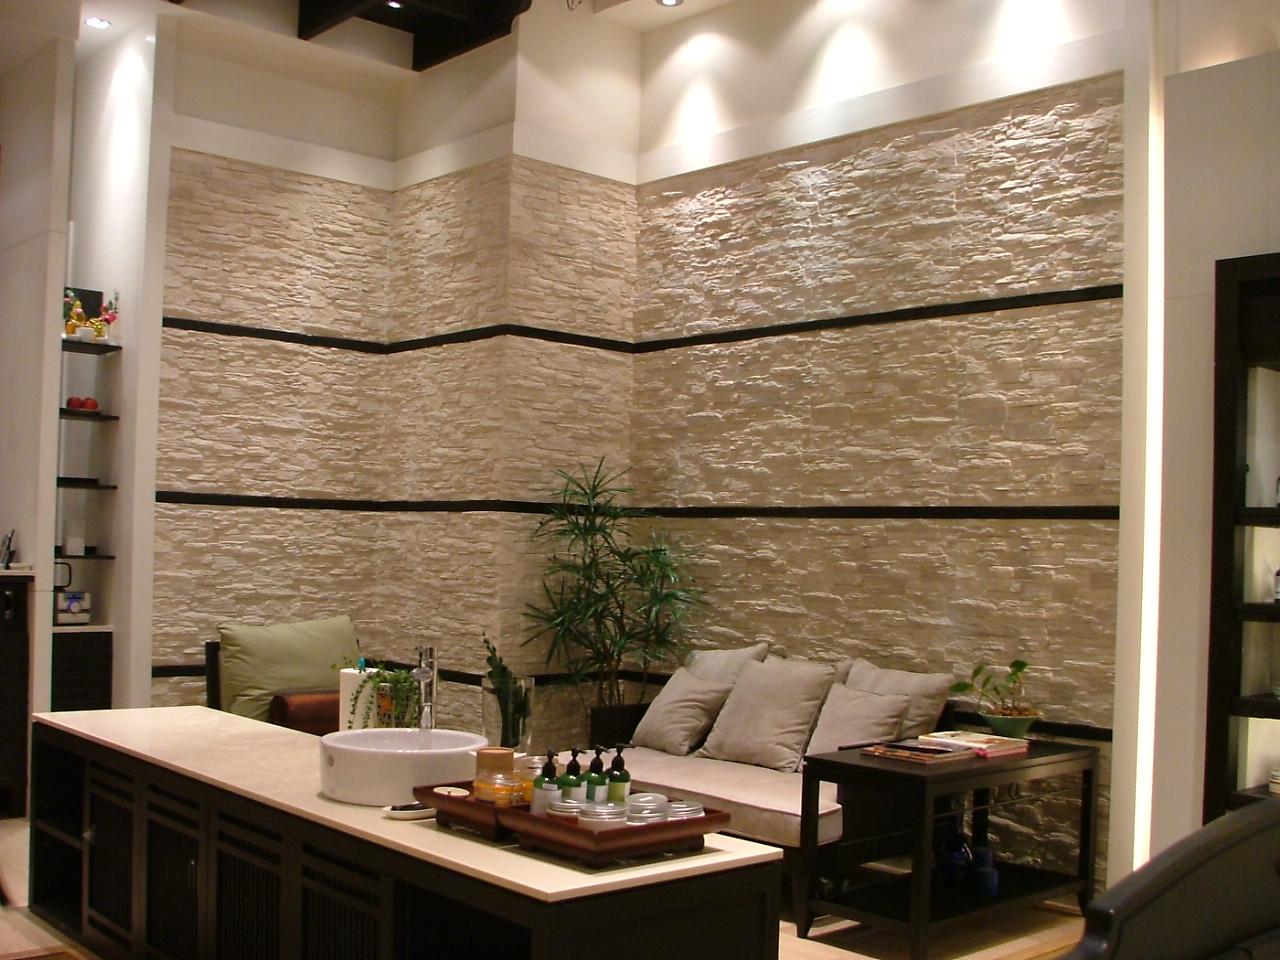 Wandverkleidung stein - Wandverkleidung wohnzimmer ...